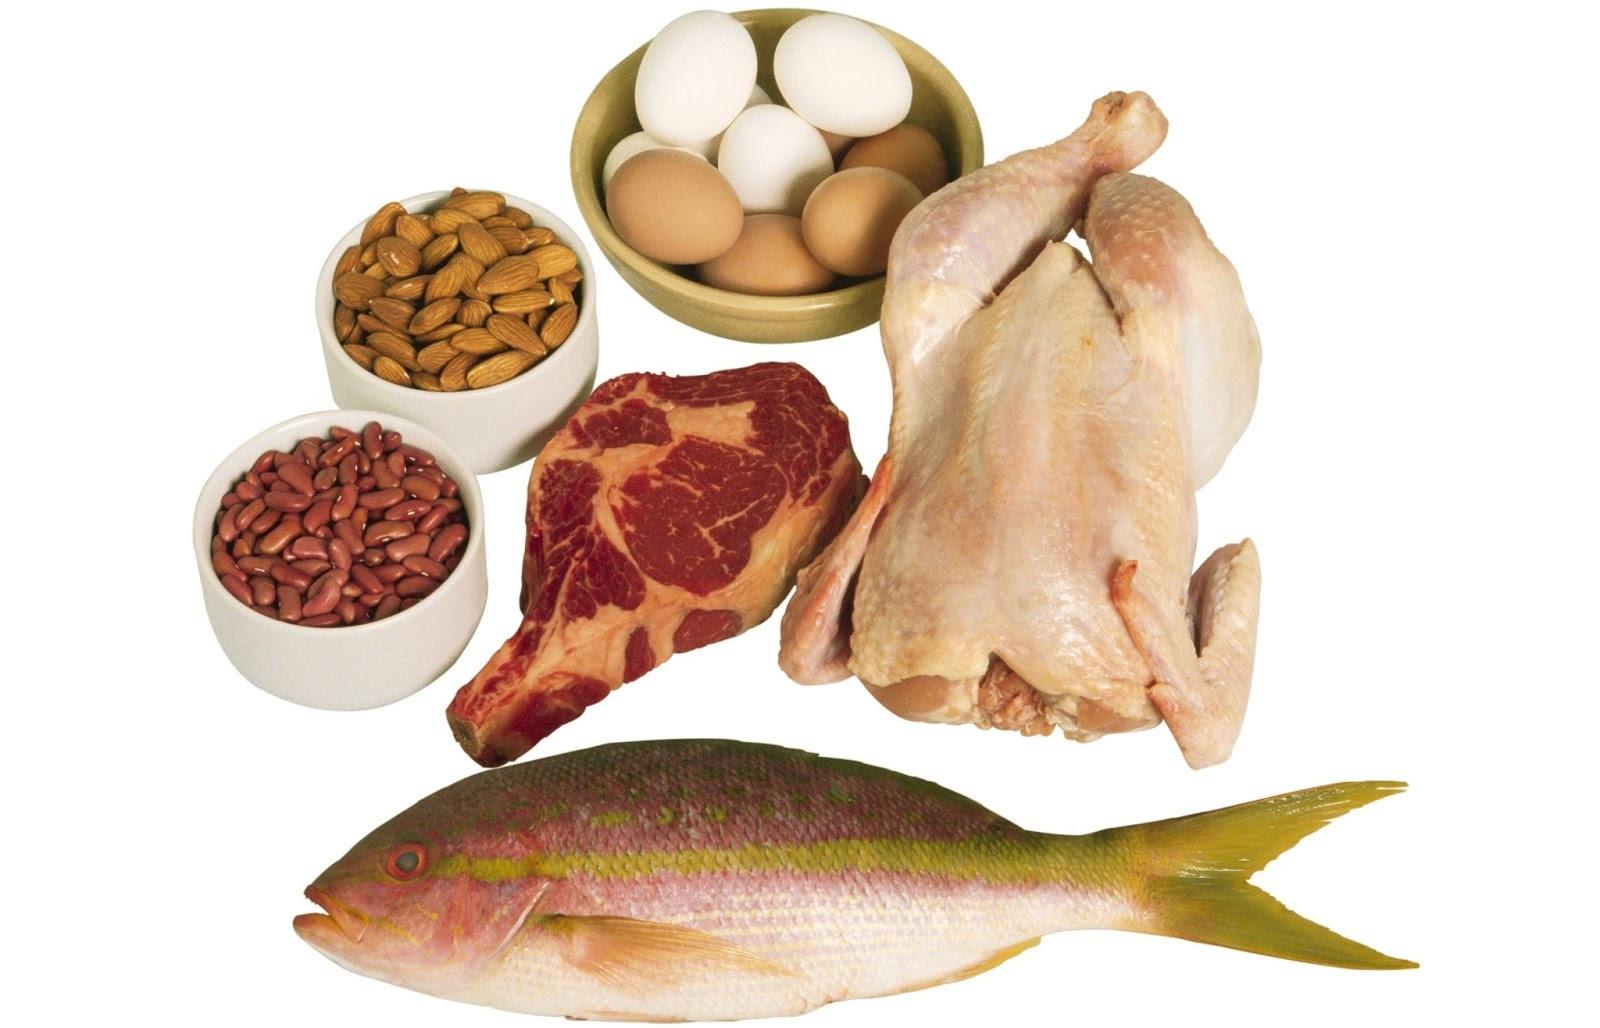 Programa Bem Estar - Assunto: Ingestão de proteína